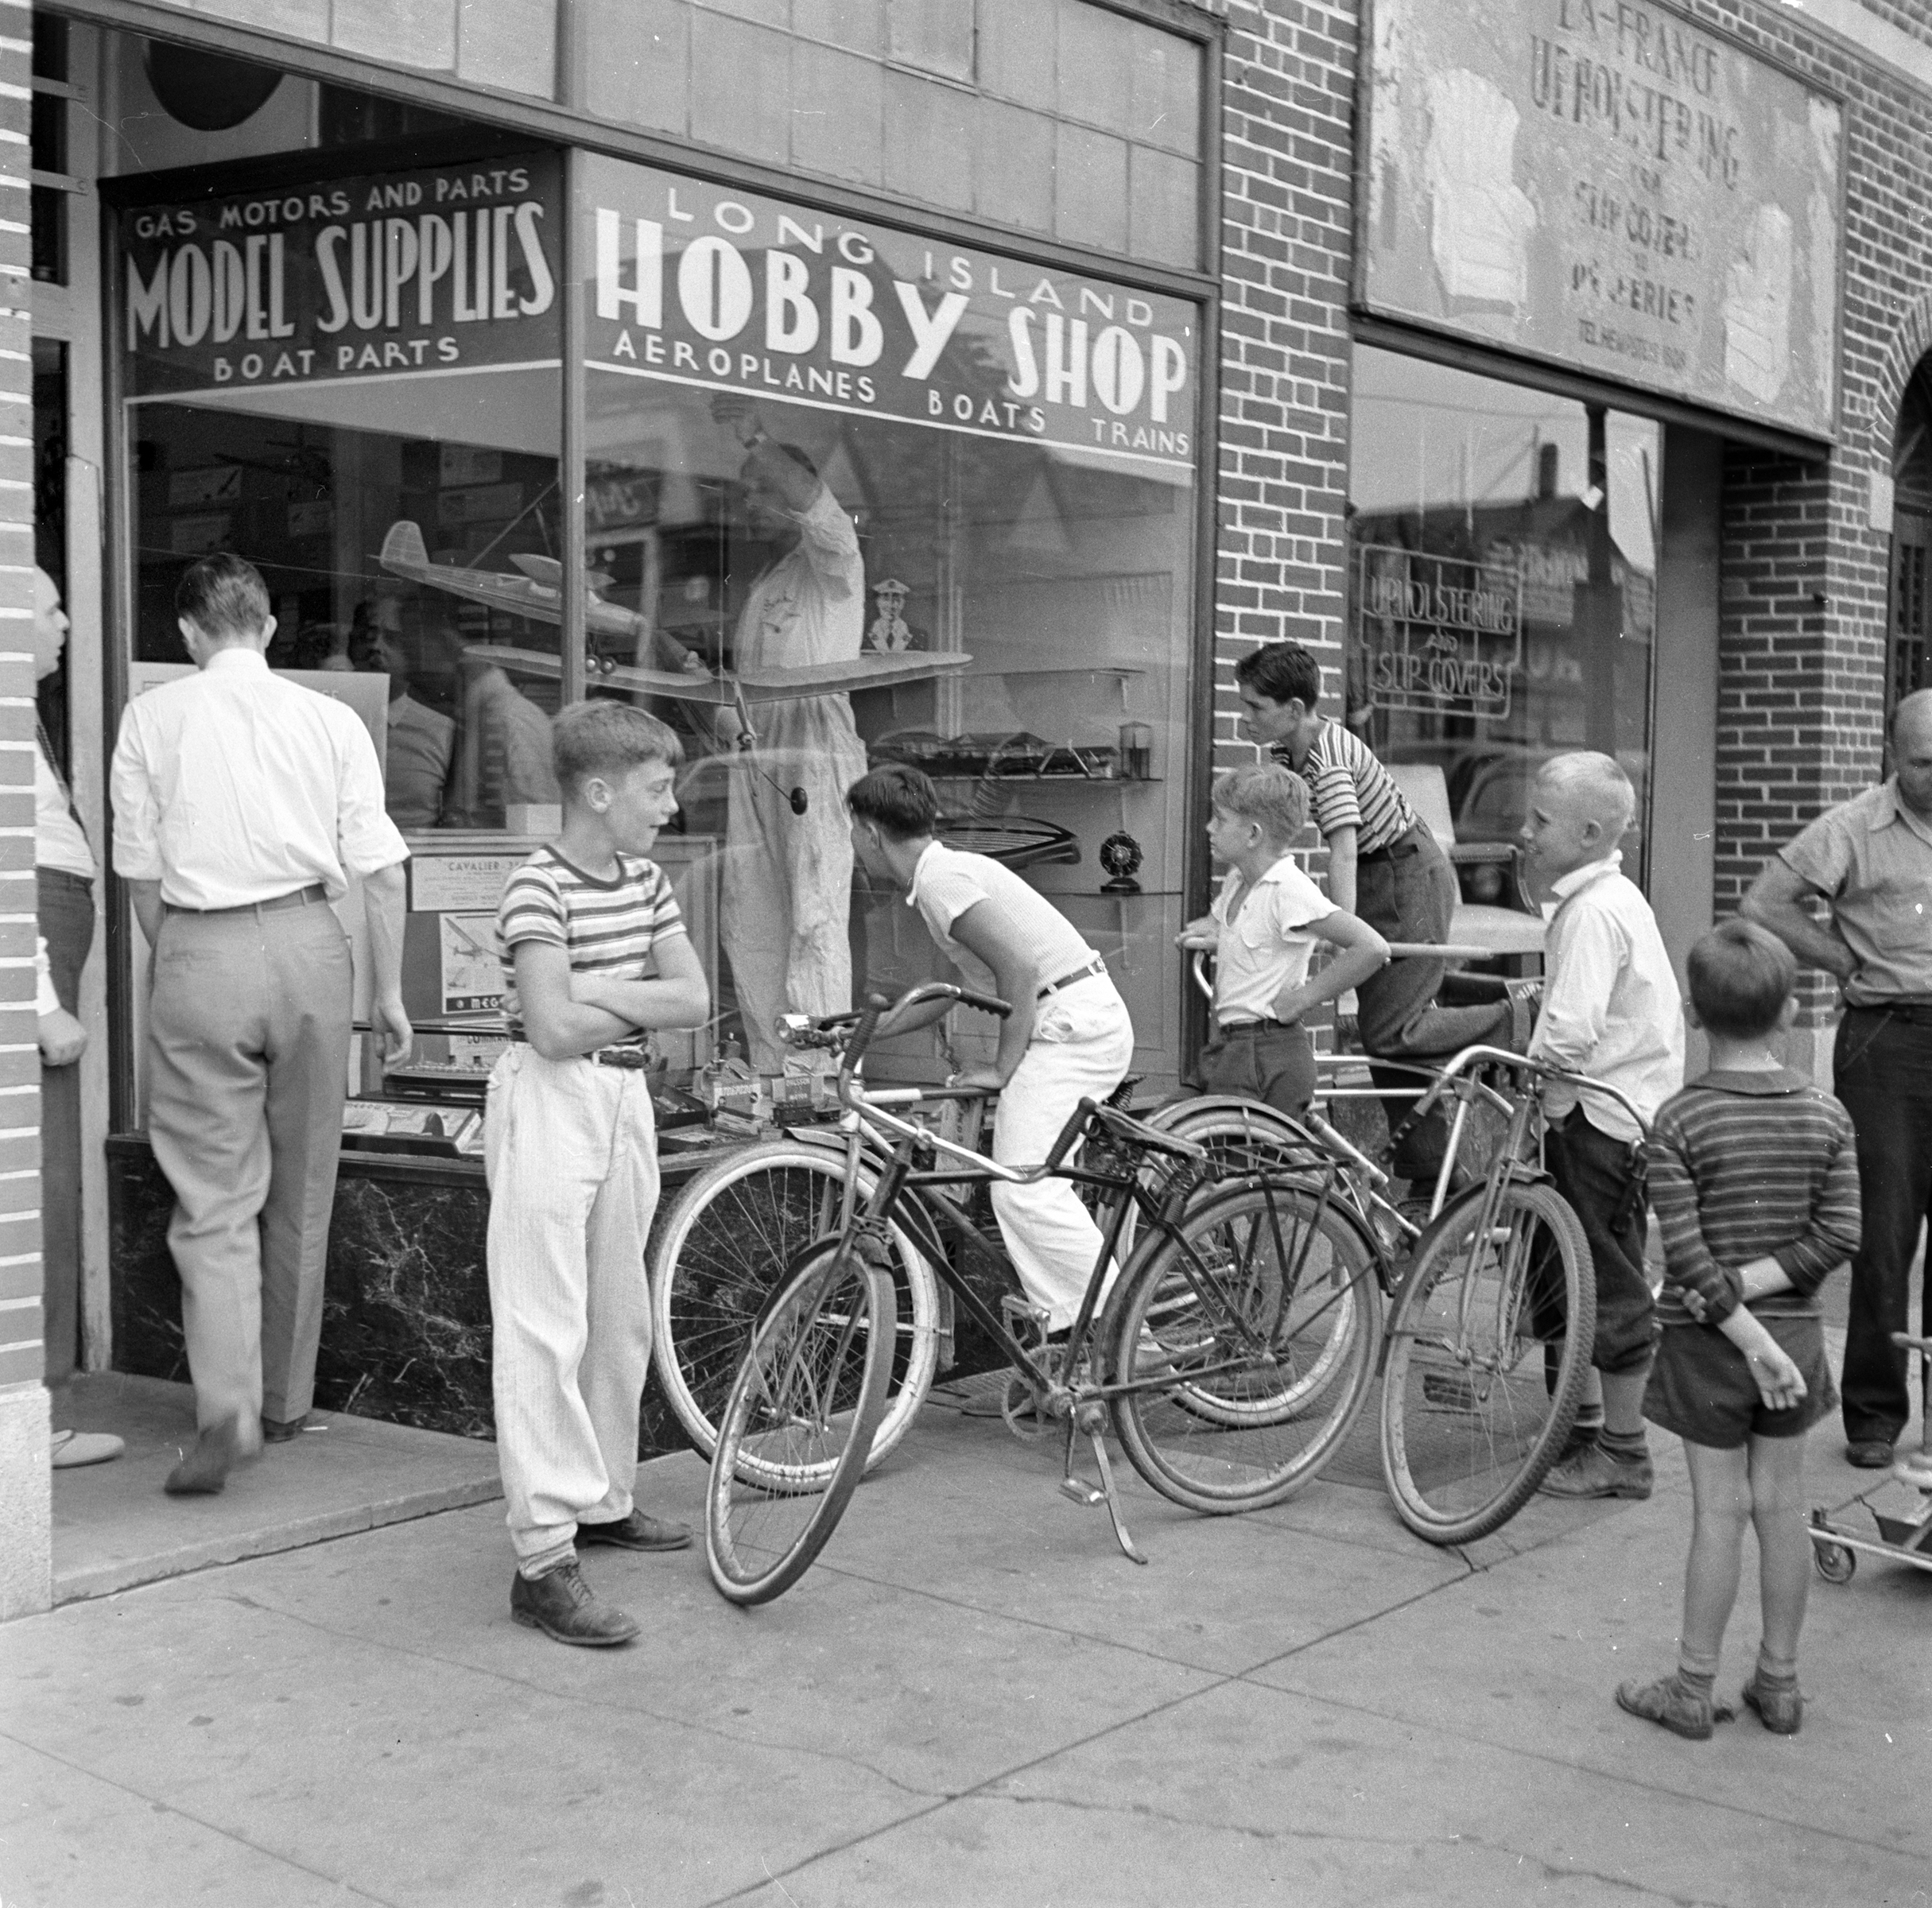 ロングアイランドホビーショップの入り口の前に、自転車を持っている少年たちのグループが立っています。